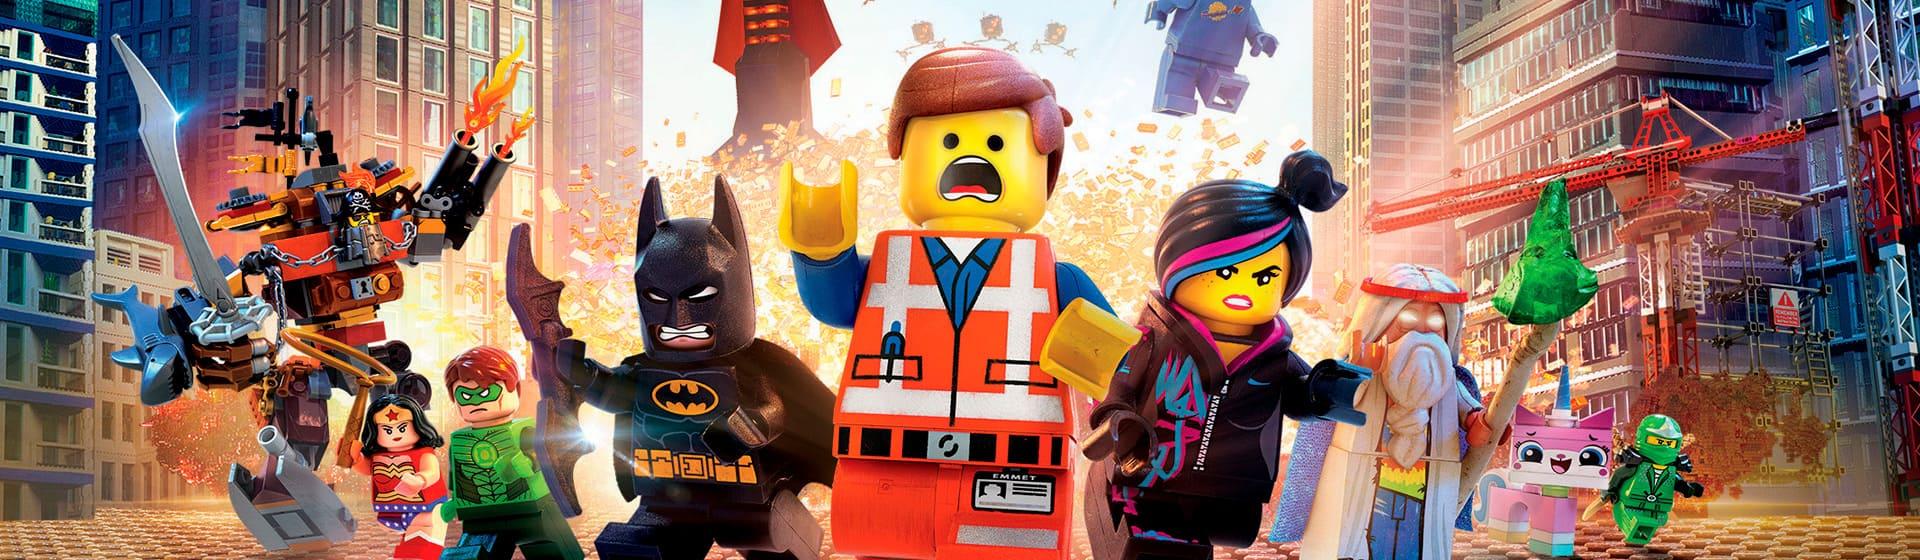 Лего: Фильм - Мужские футболки